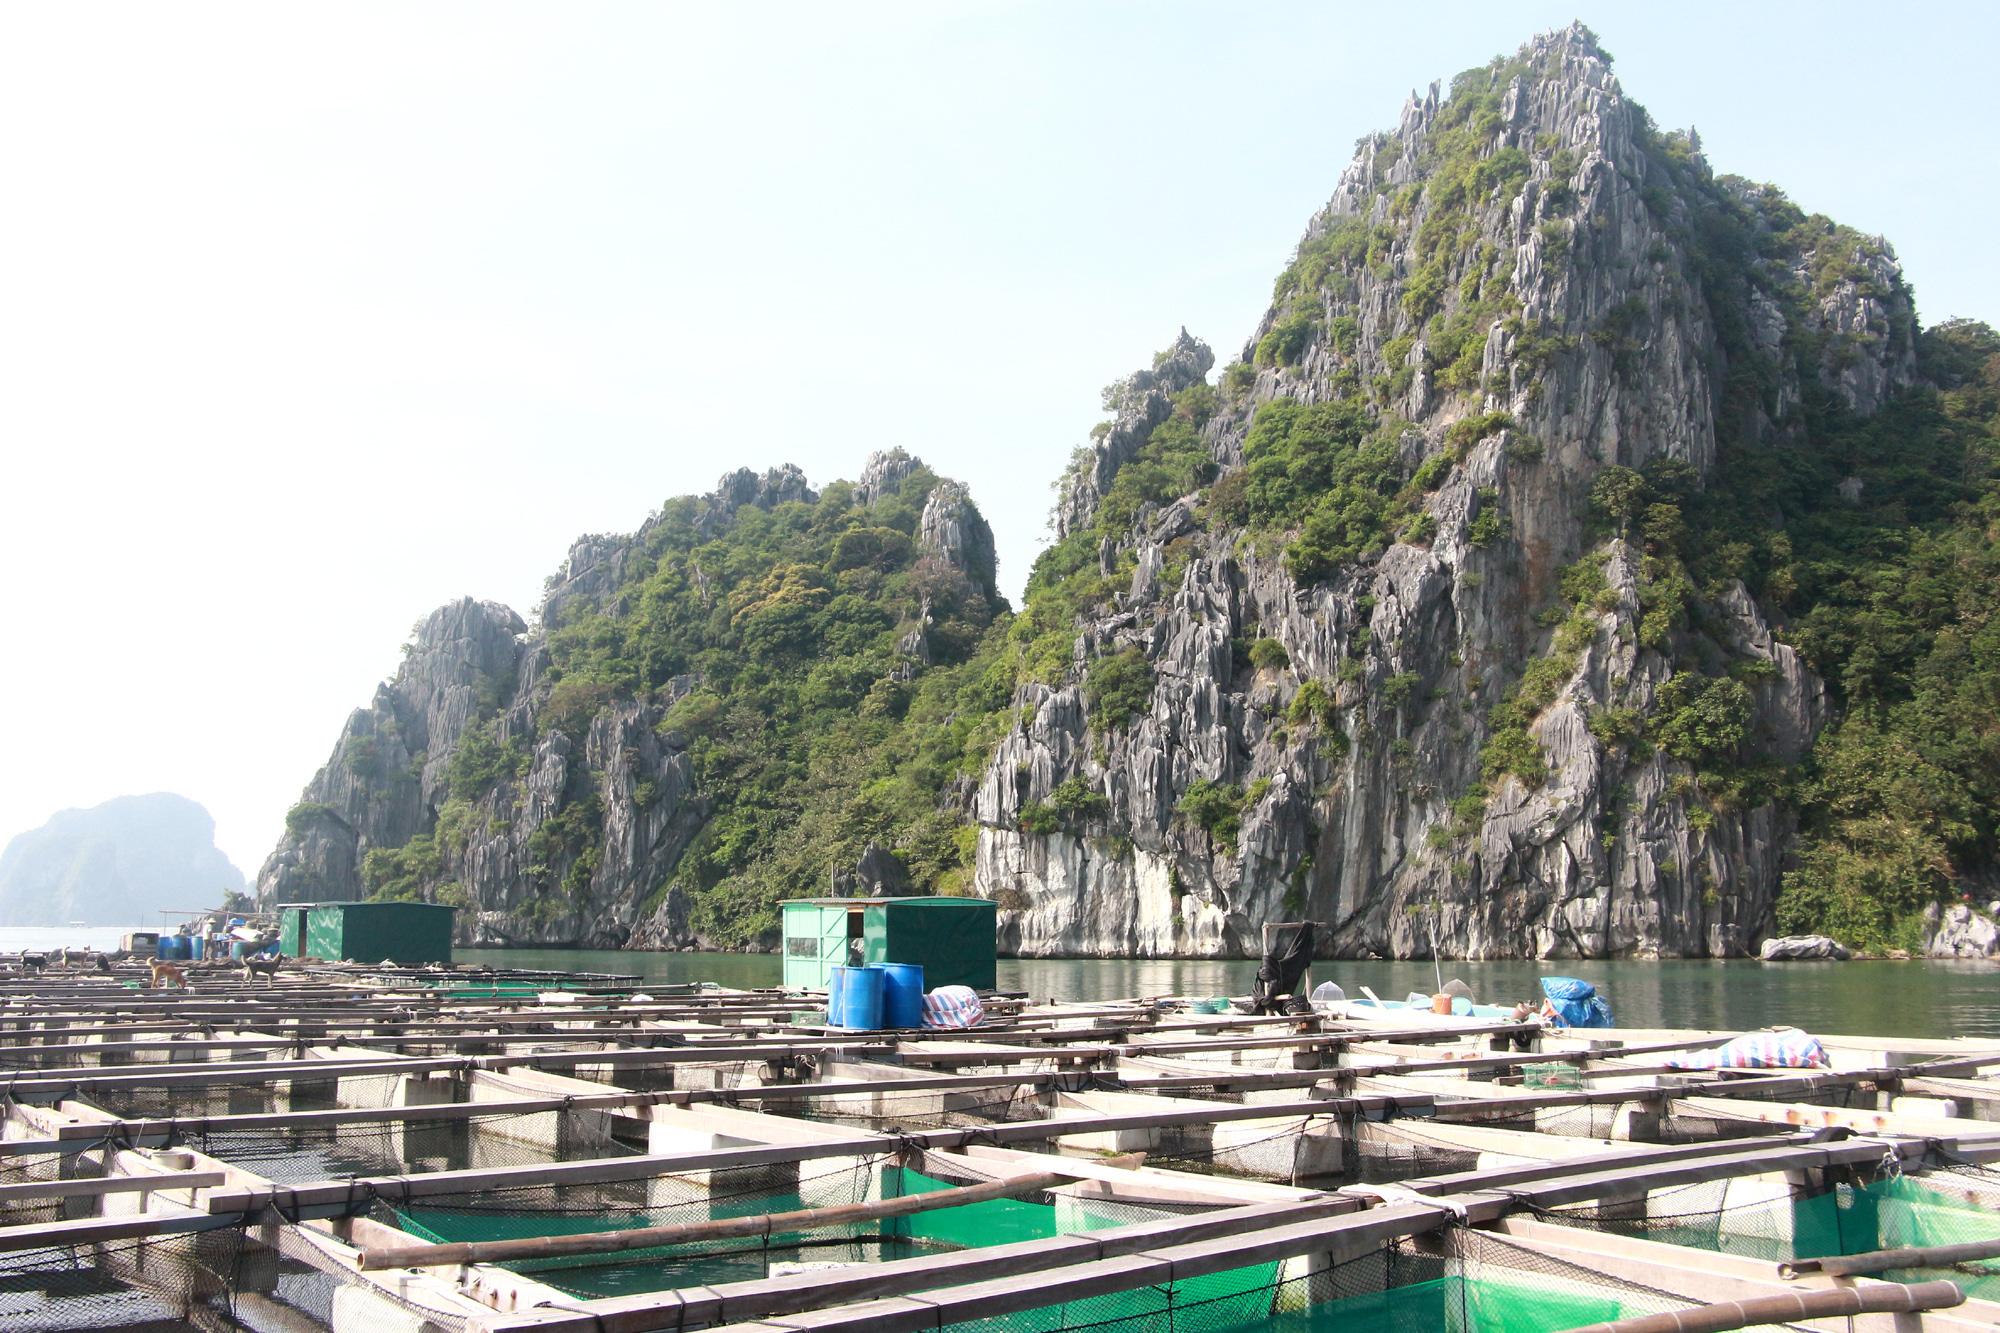 Sản vật biển tỉnh Quảng Ninh: Nuôi loài cá giò con to như bắp đùi người lớn, thịt ngọt, giá mềm là vì điều này - Ảnh 3.